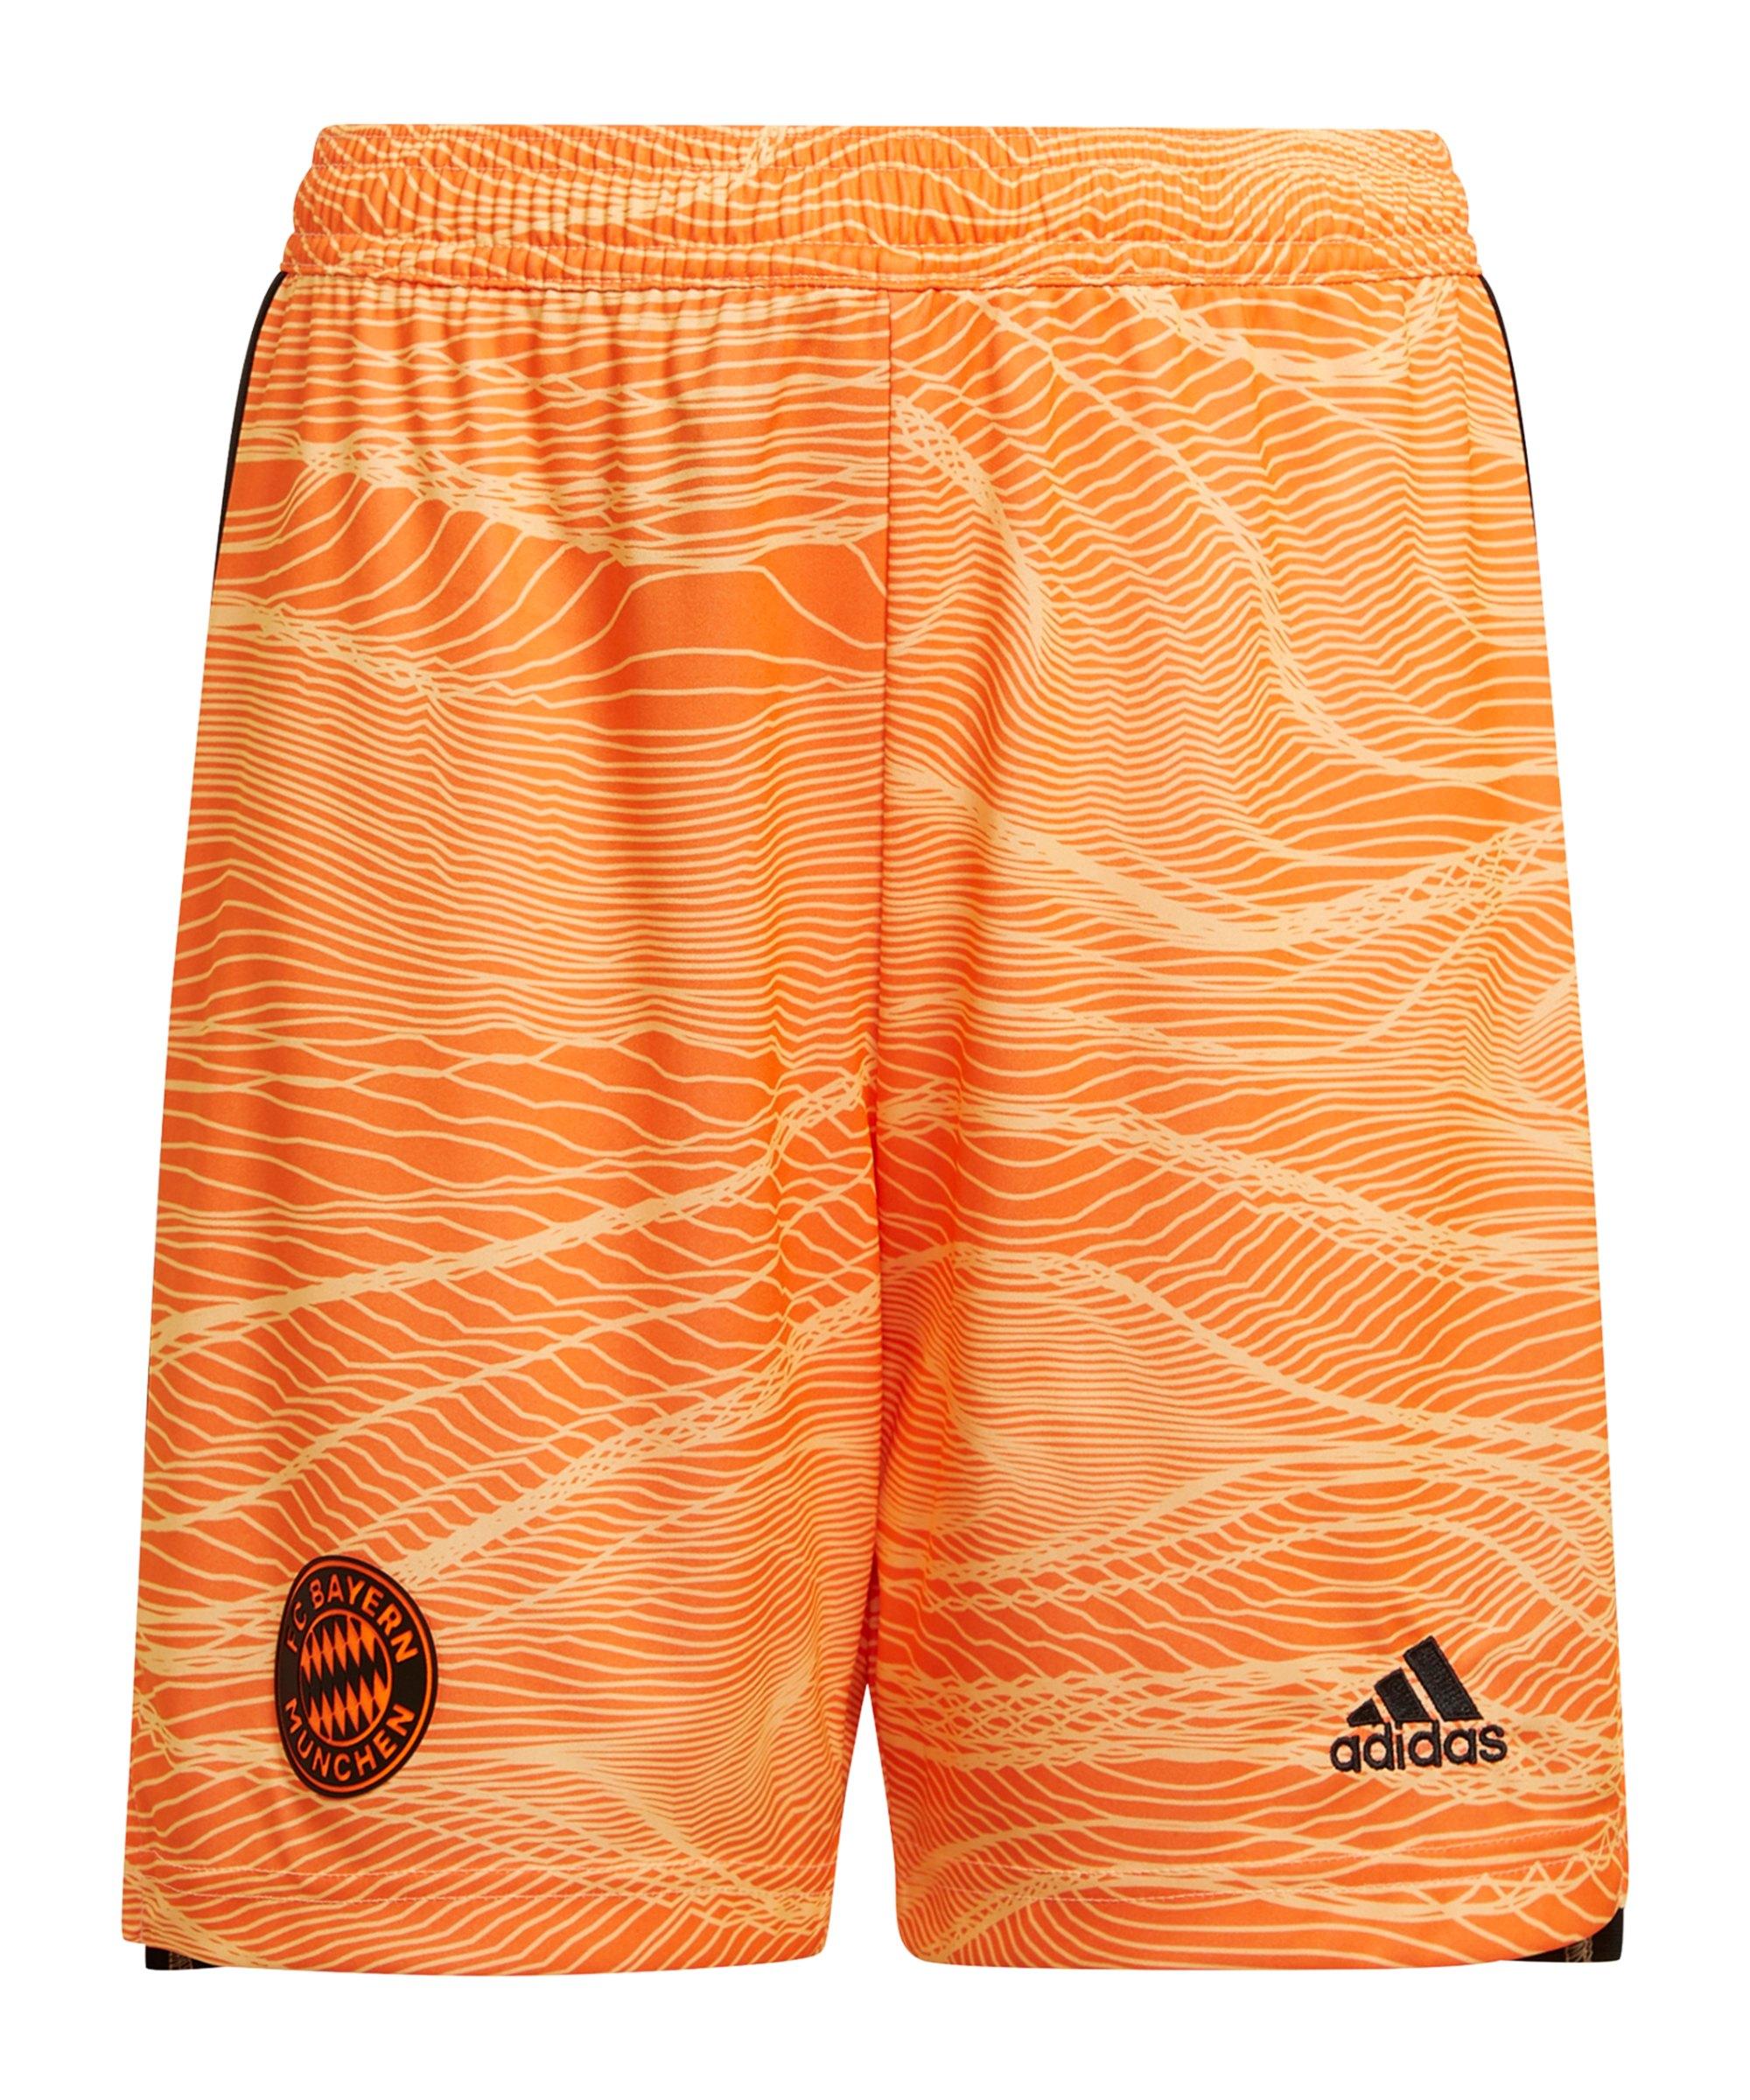 adidas FC Bayern München TW-Short 2021/2022 Orange - orange